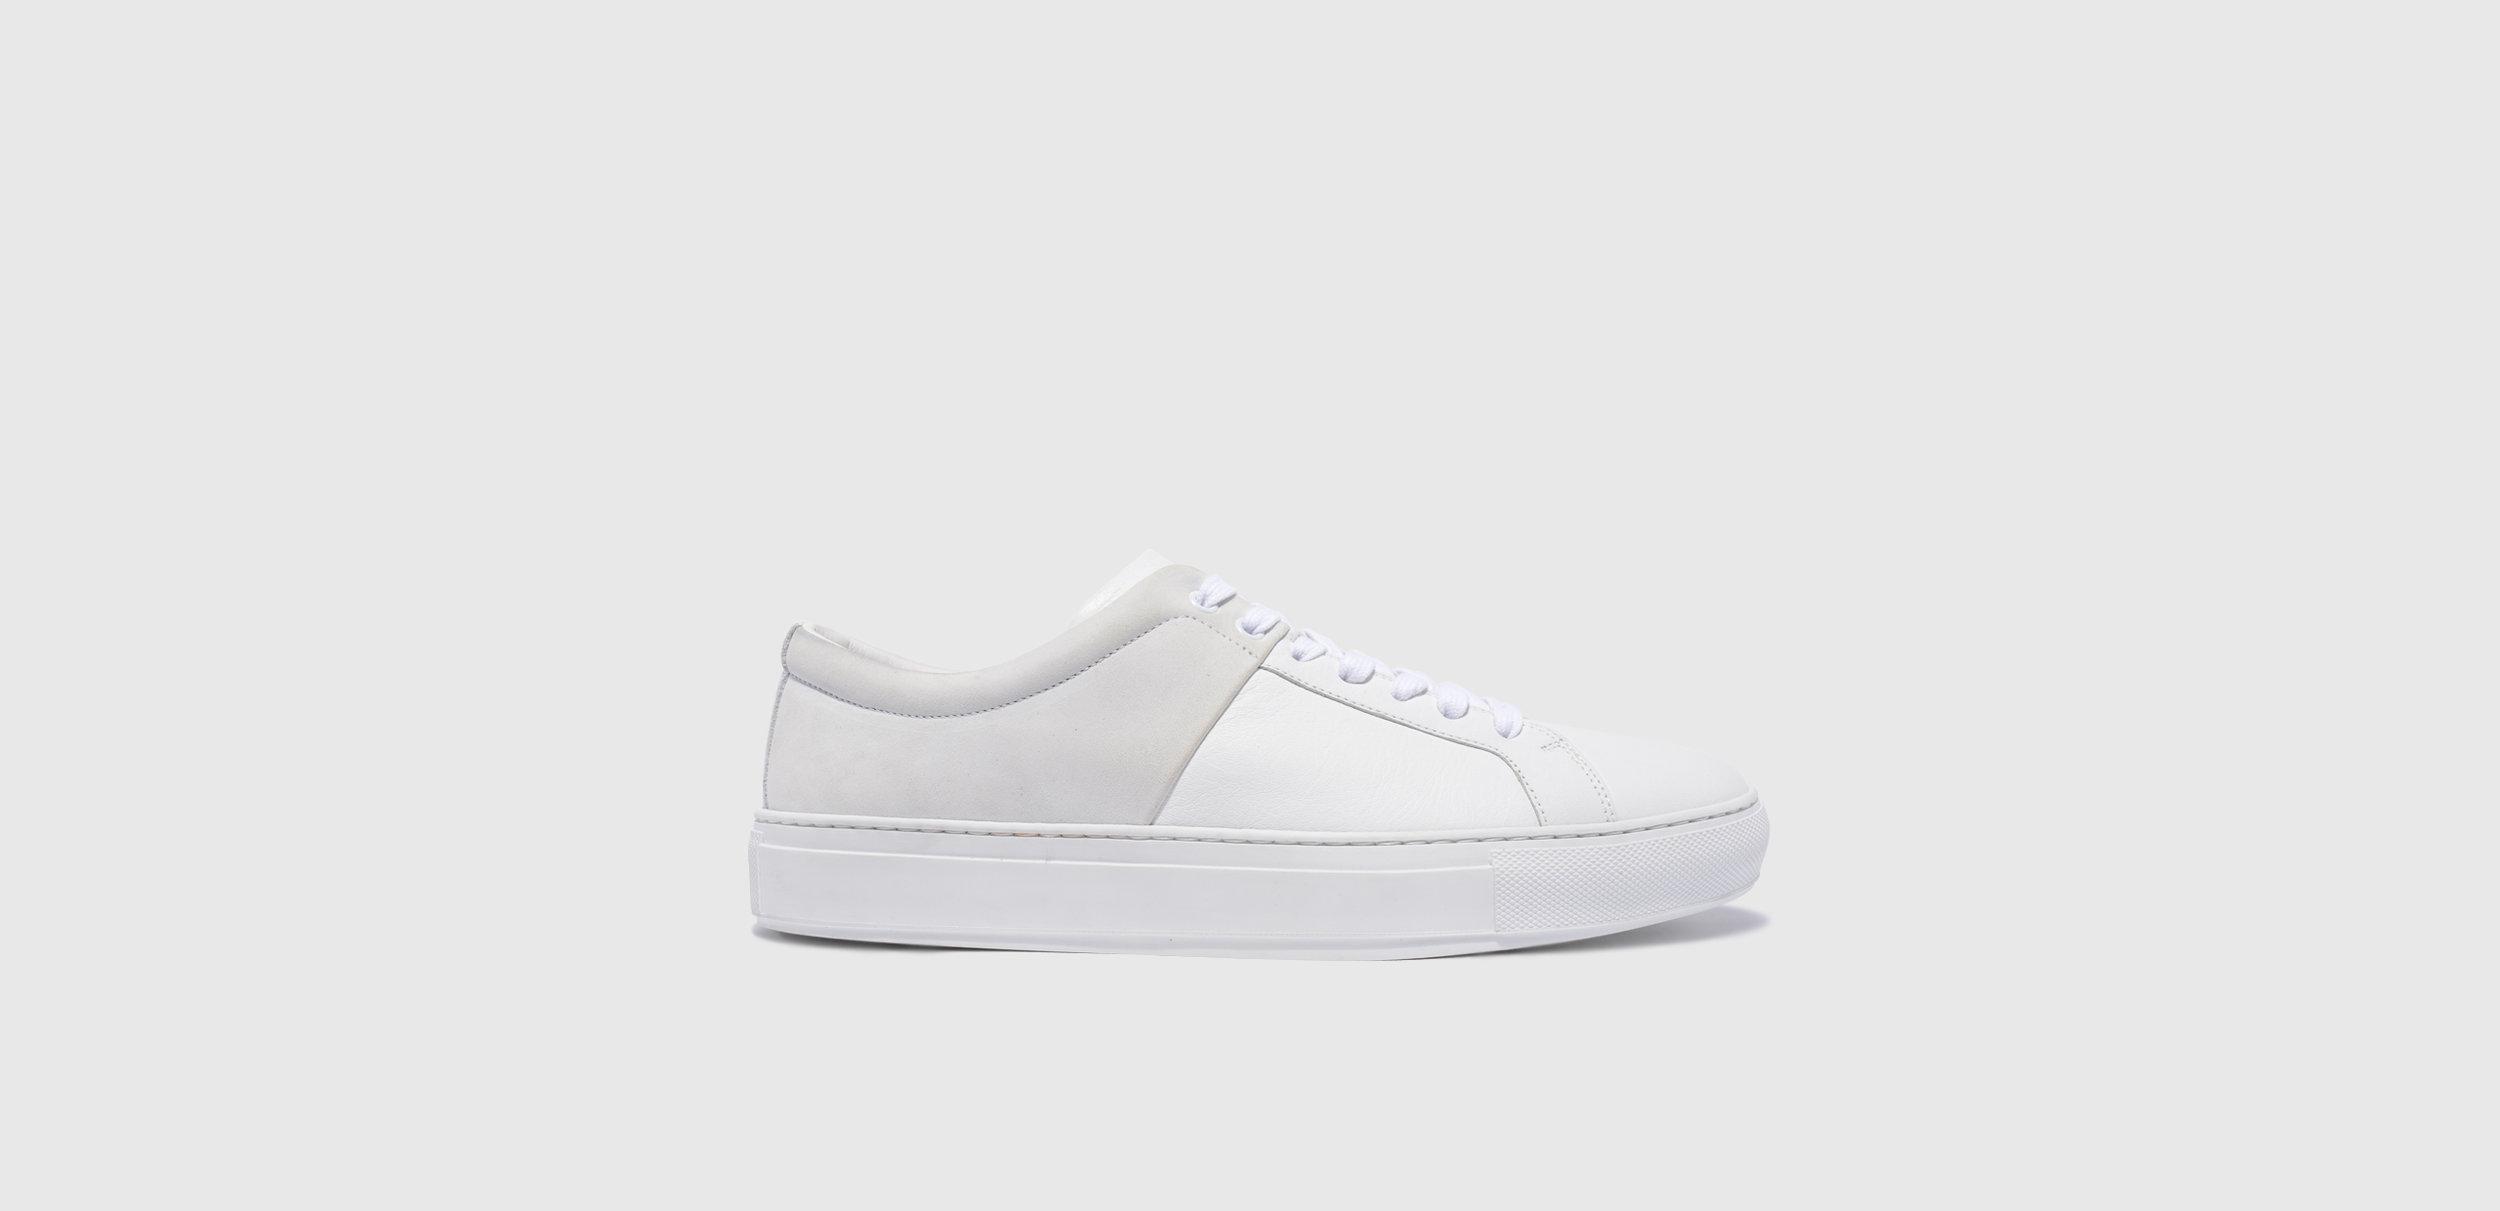 blucher-01-nubuck-leather-white-m.jpg